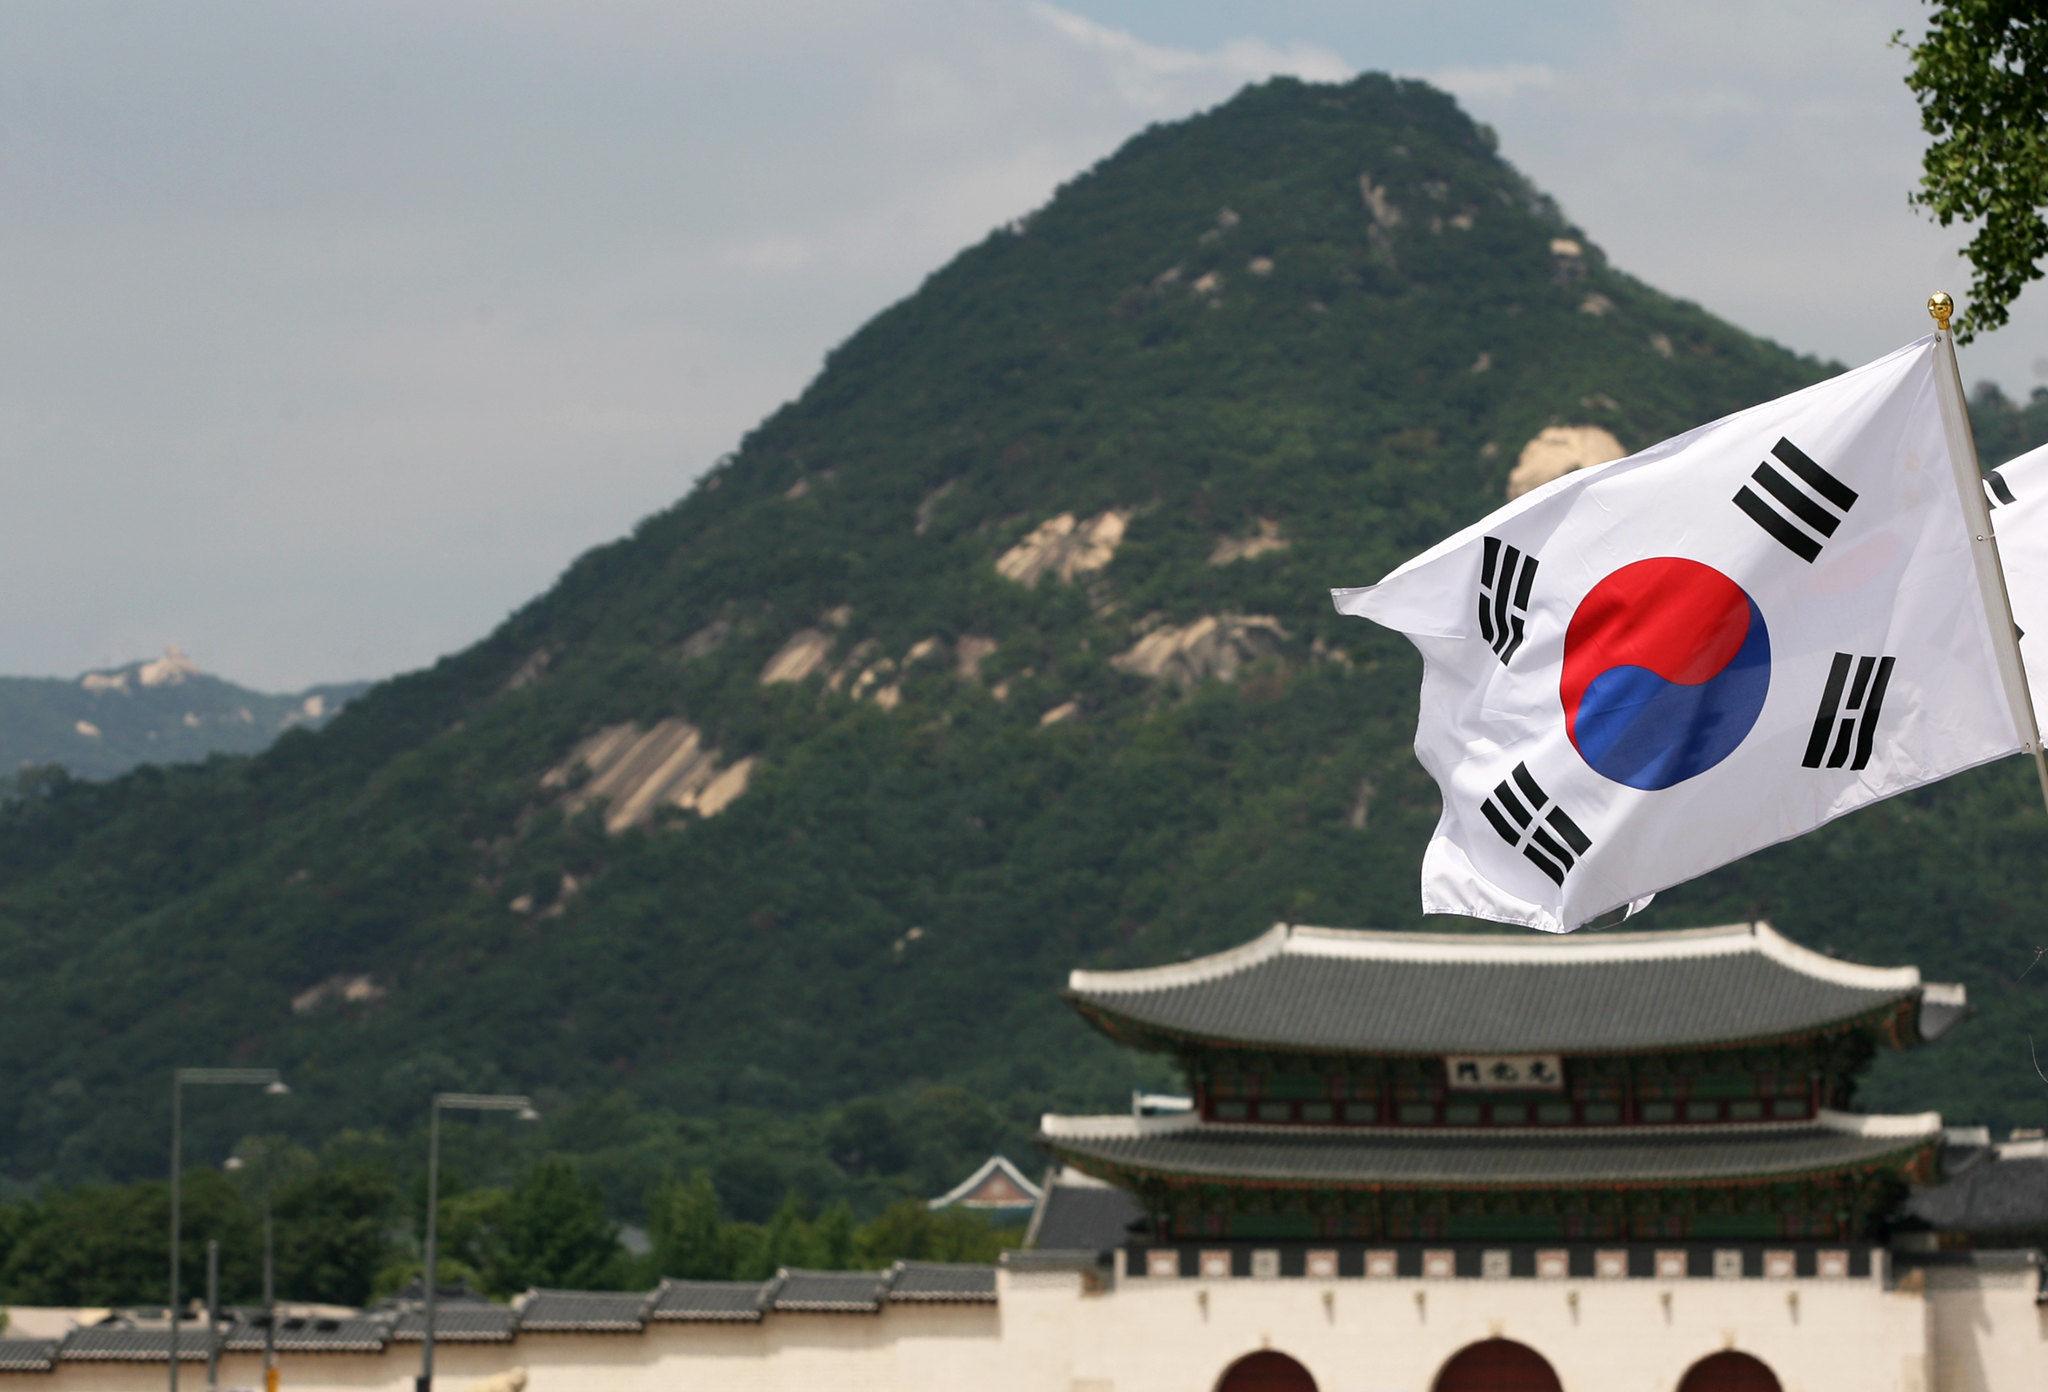 逆徴用工訴訟・日本企業は戦前に韓国で残した資産を取り戻せるか